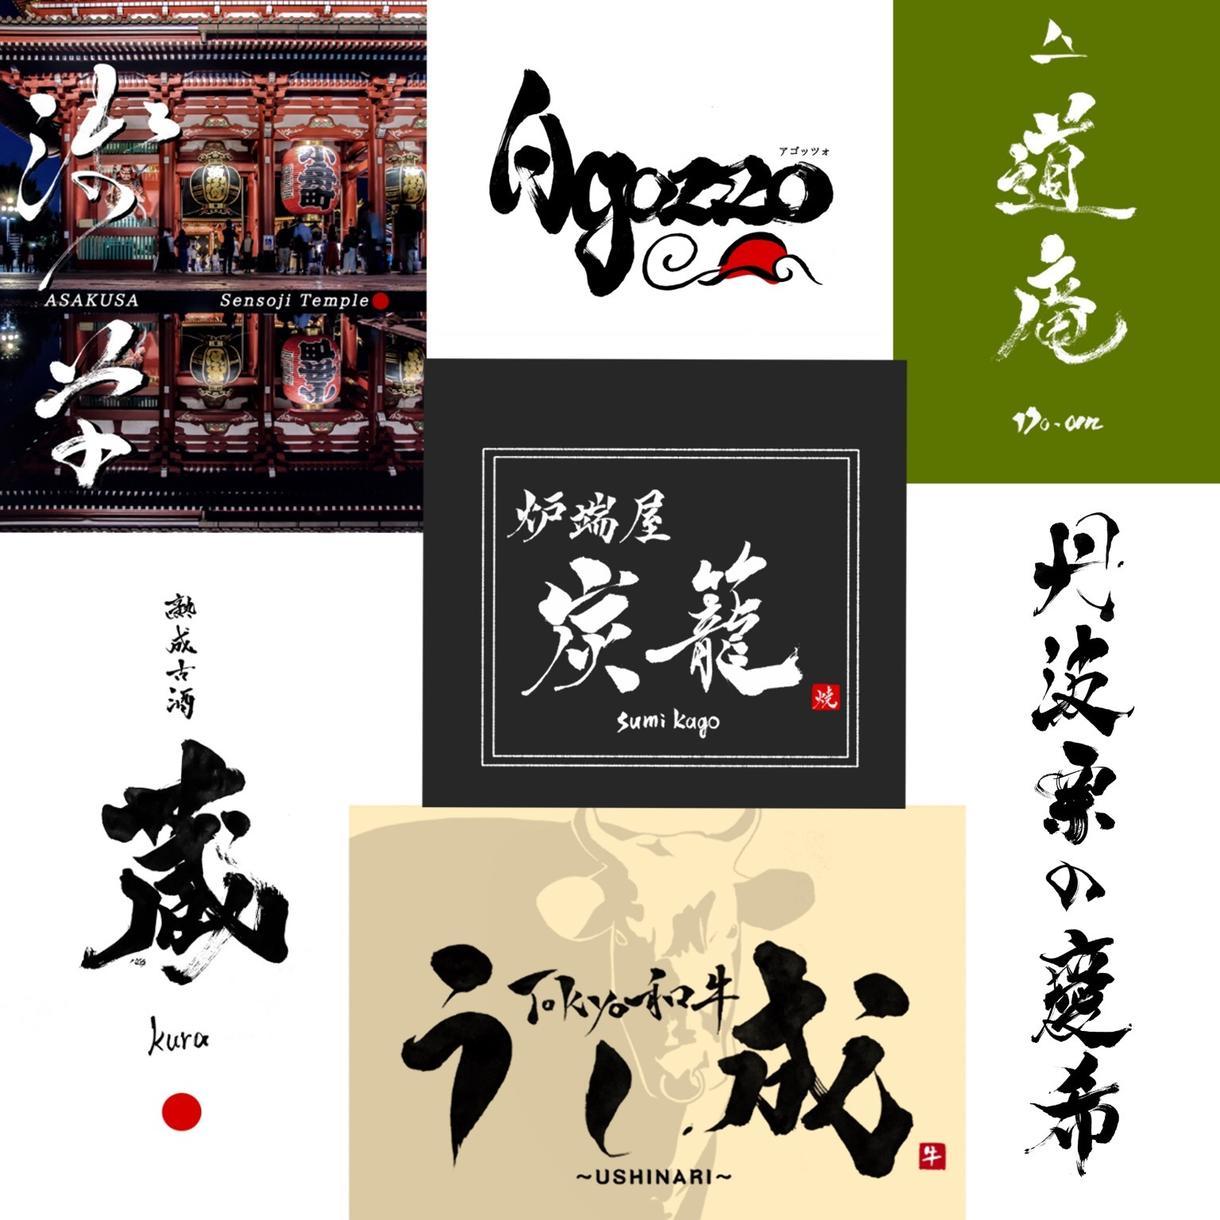 筆文字タイトル、ロゴ制作を承ります 商品名、社名、タイトル等の筆文字によるロゴをデザイン